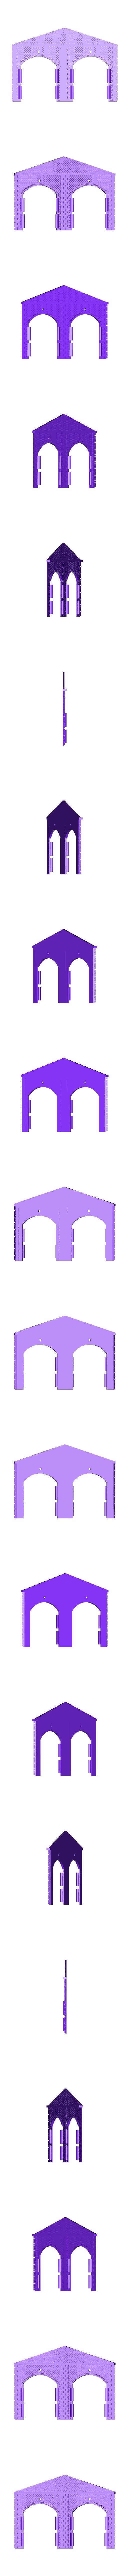 Wall_-_Entrance.stl Télécharger fichier STL gratuit Maison des moteurs à deux étages à l'échelle NEW HO • Plan à imprimer en 3D, kabrumble